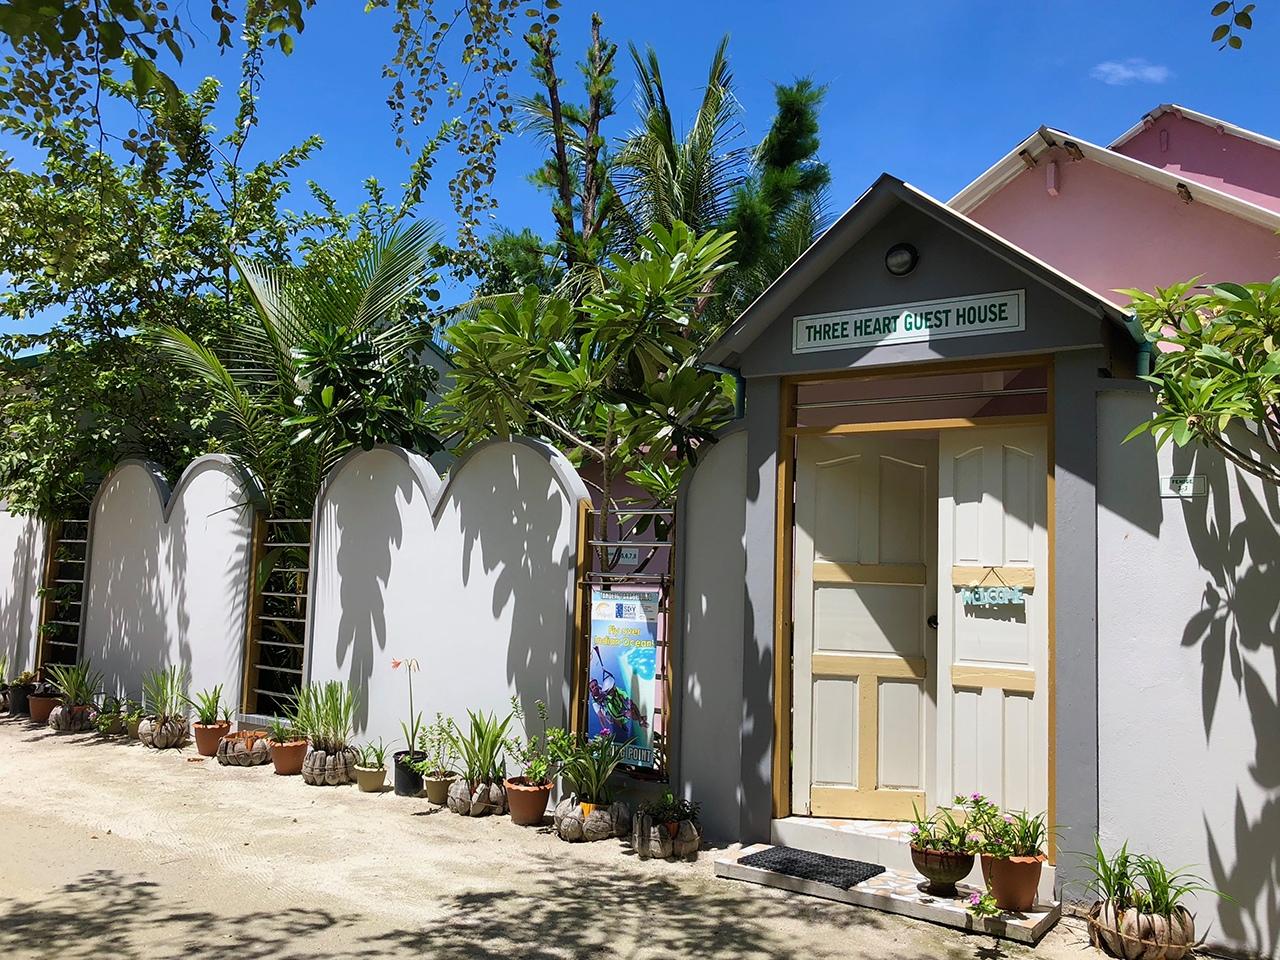 недорогие гостиницы на Мальдивах